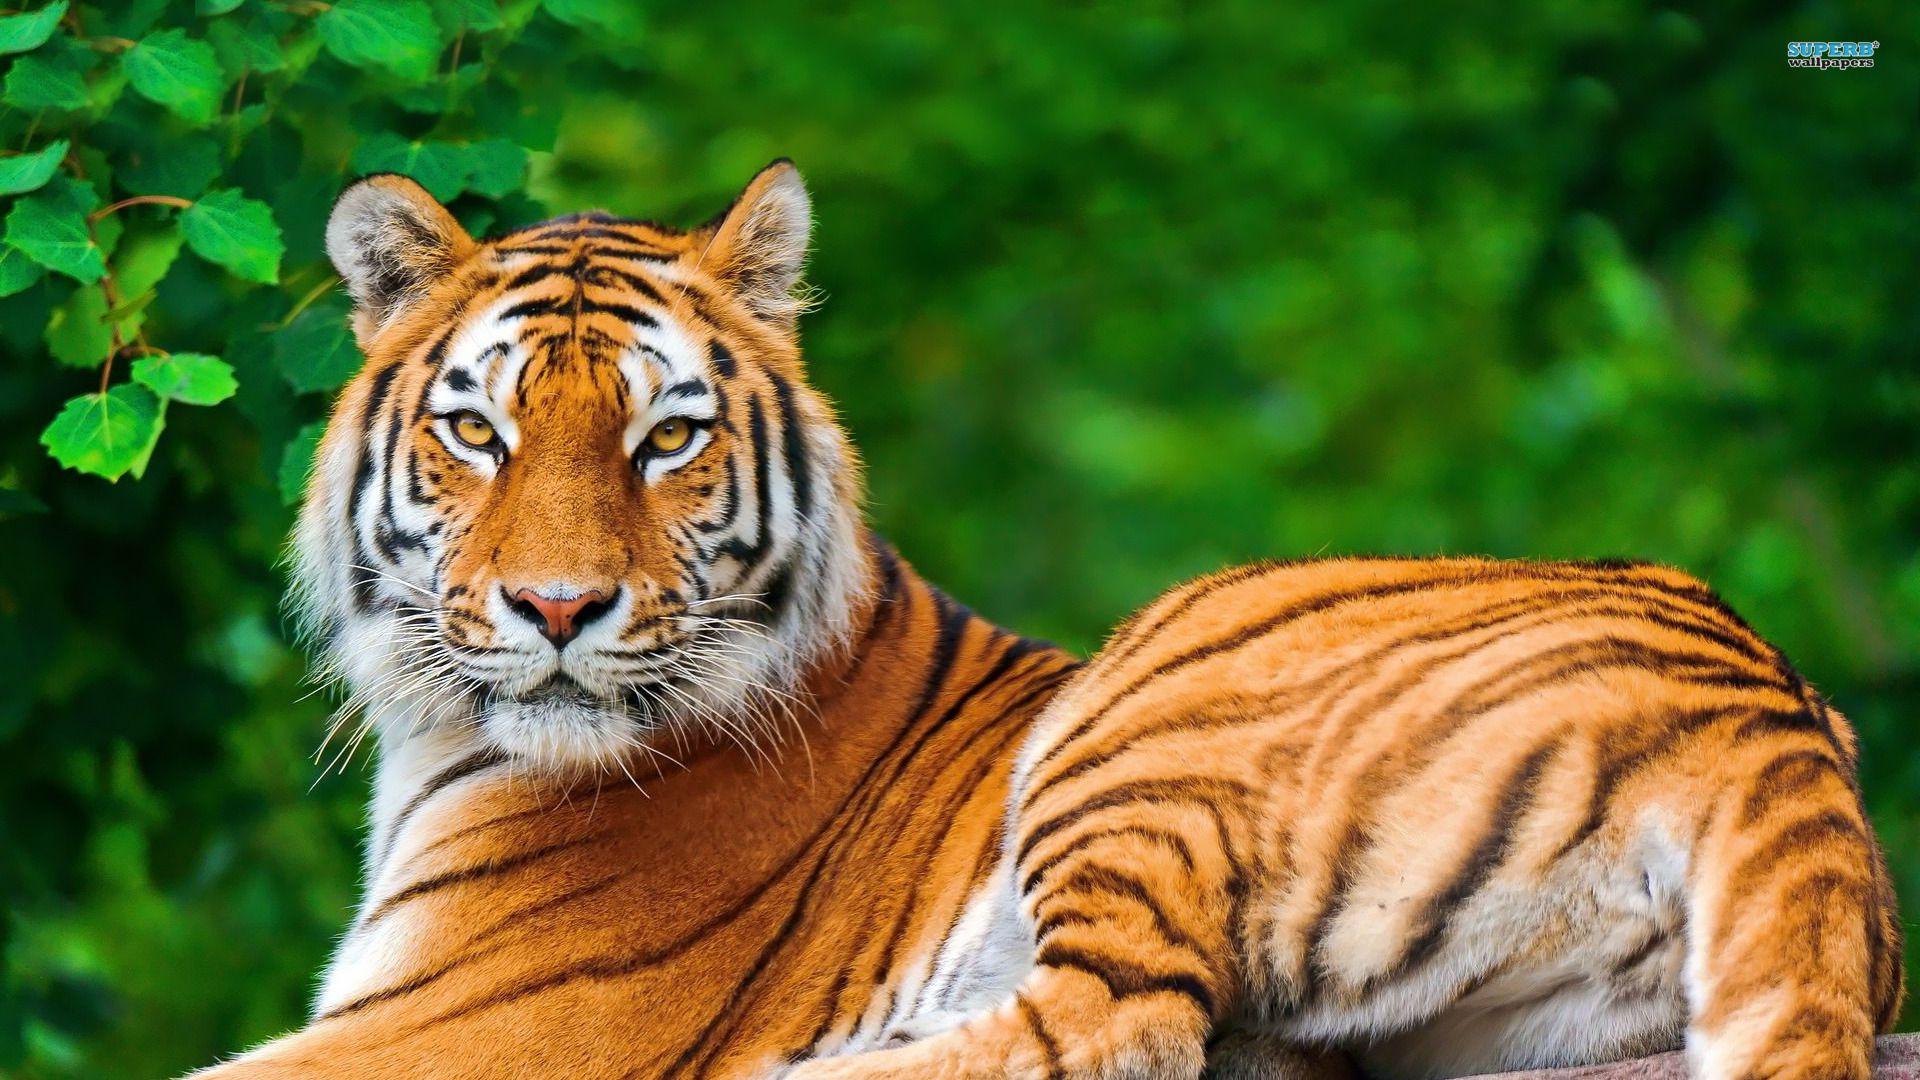 tiger animal wallpaper hd 8 for desktop background  | nature's